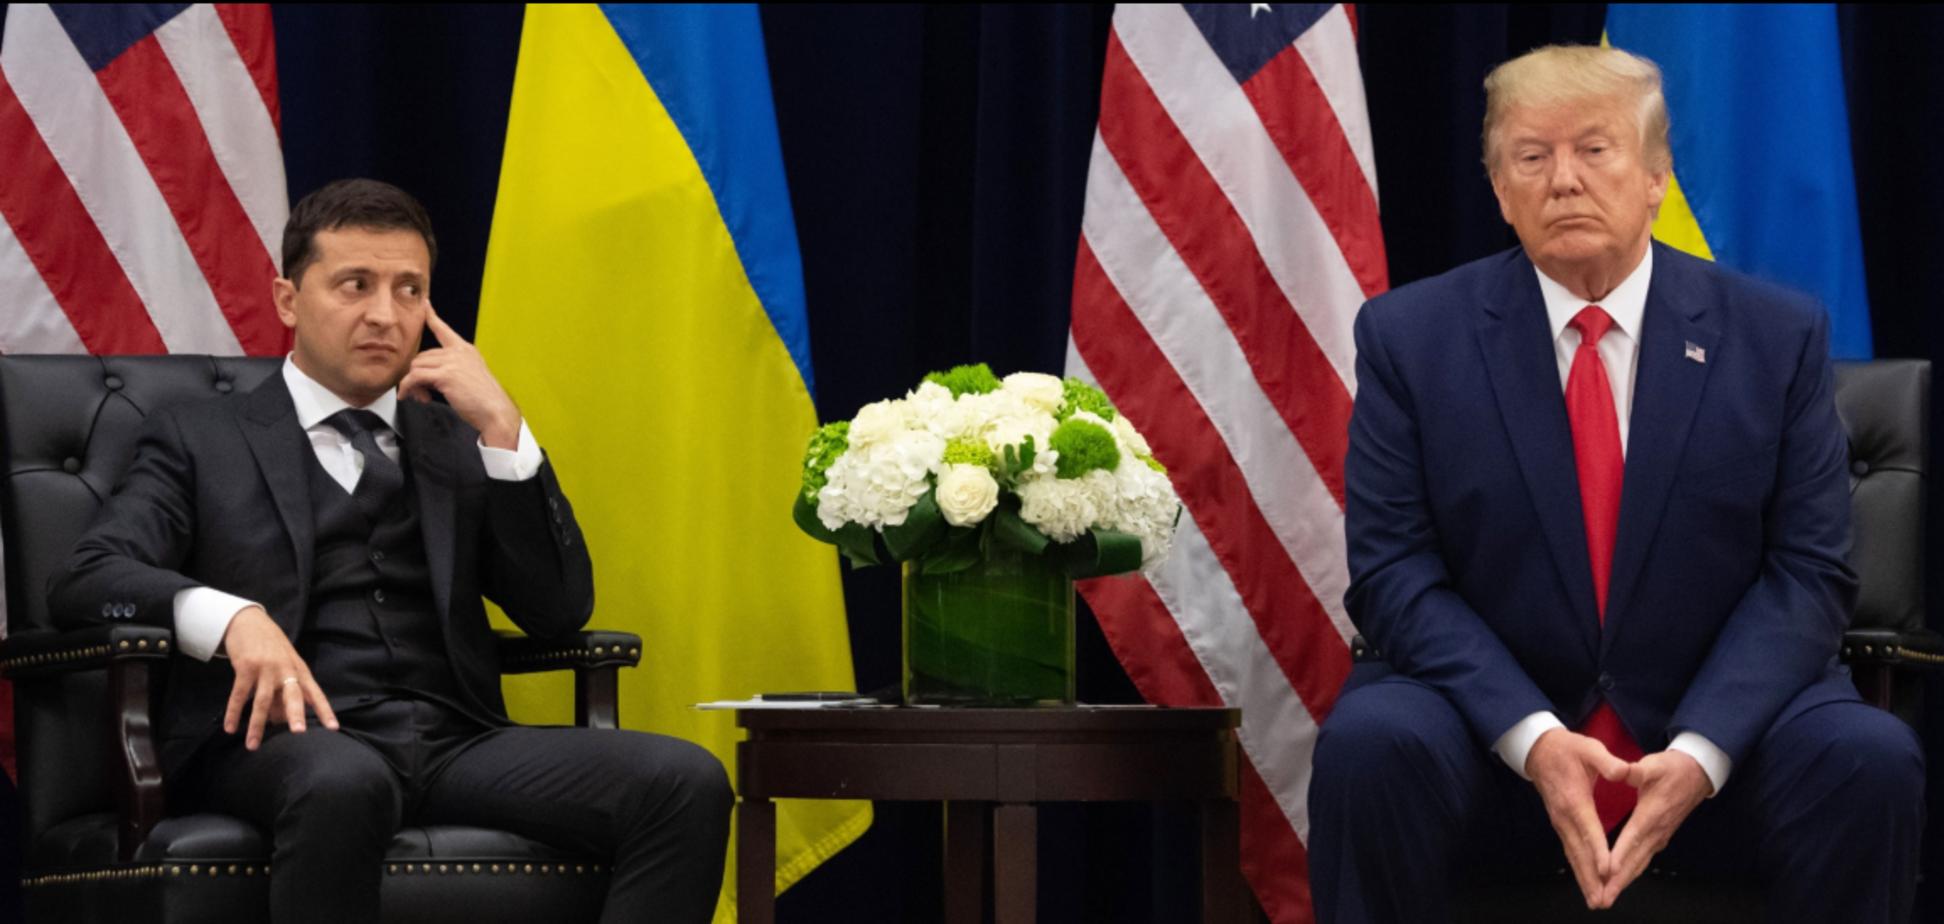 Зеленський зібрався на зустріч із Трампом попри коронавірус: названі терміни